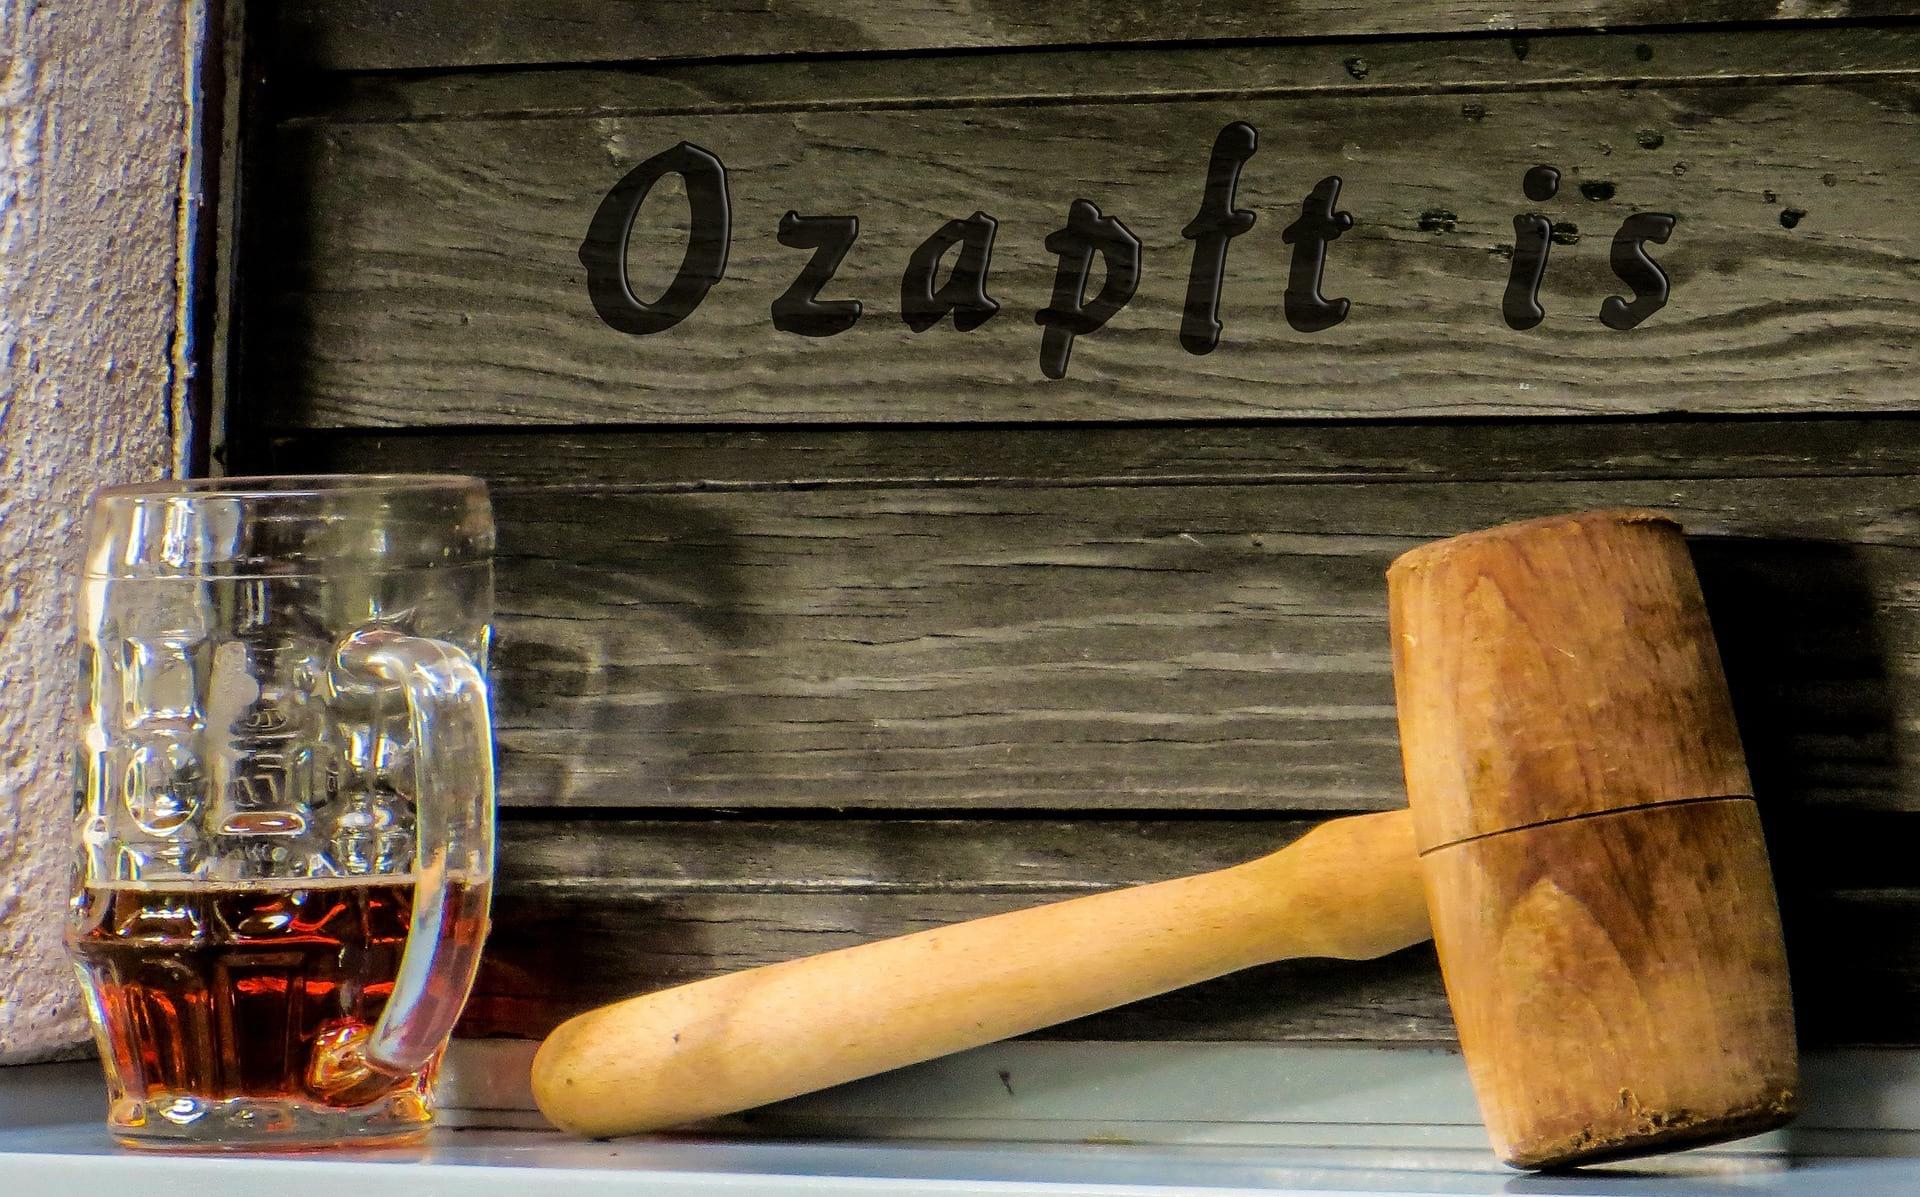 Ozapf ist